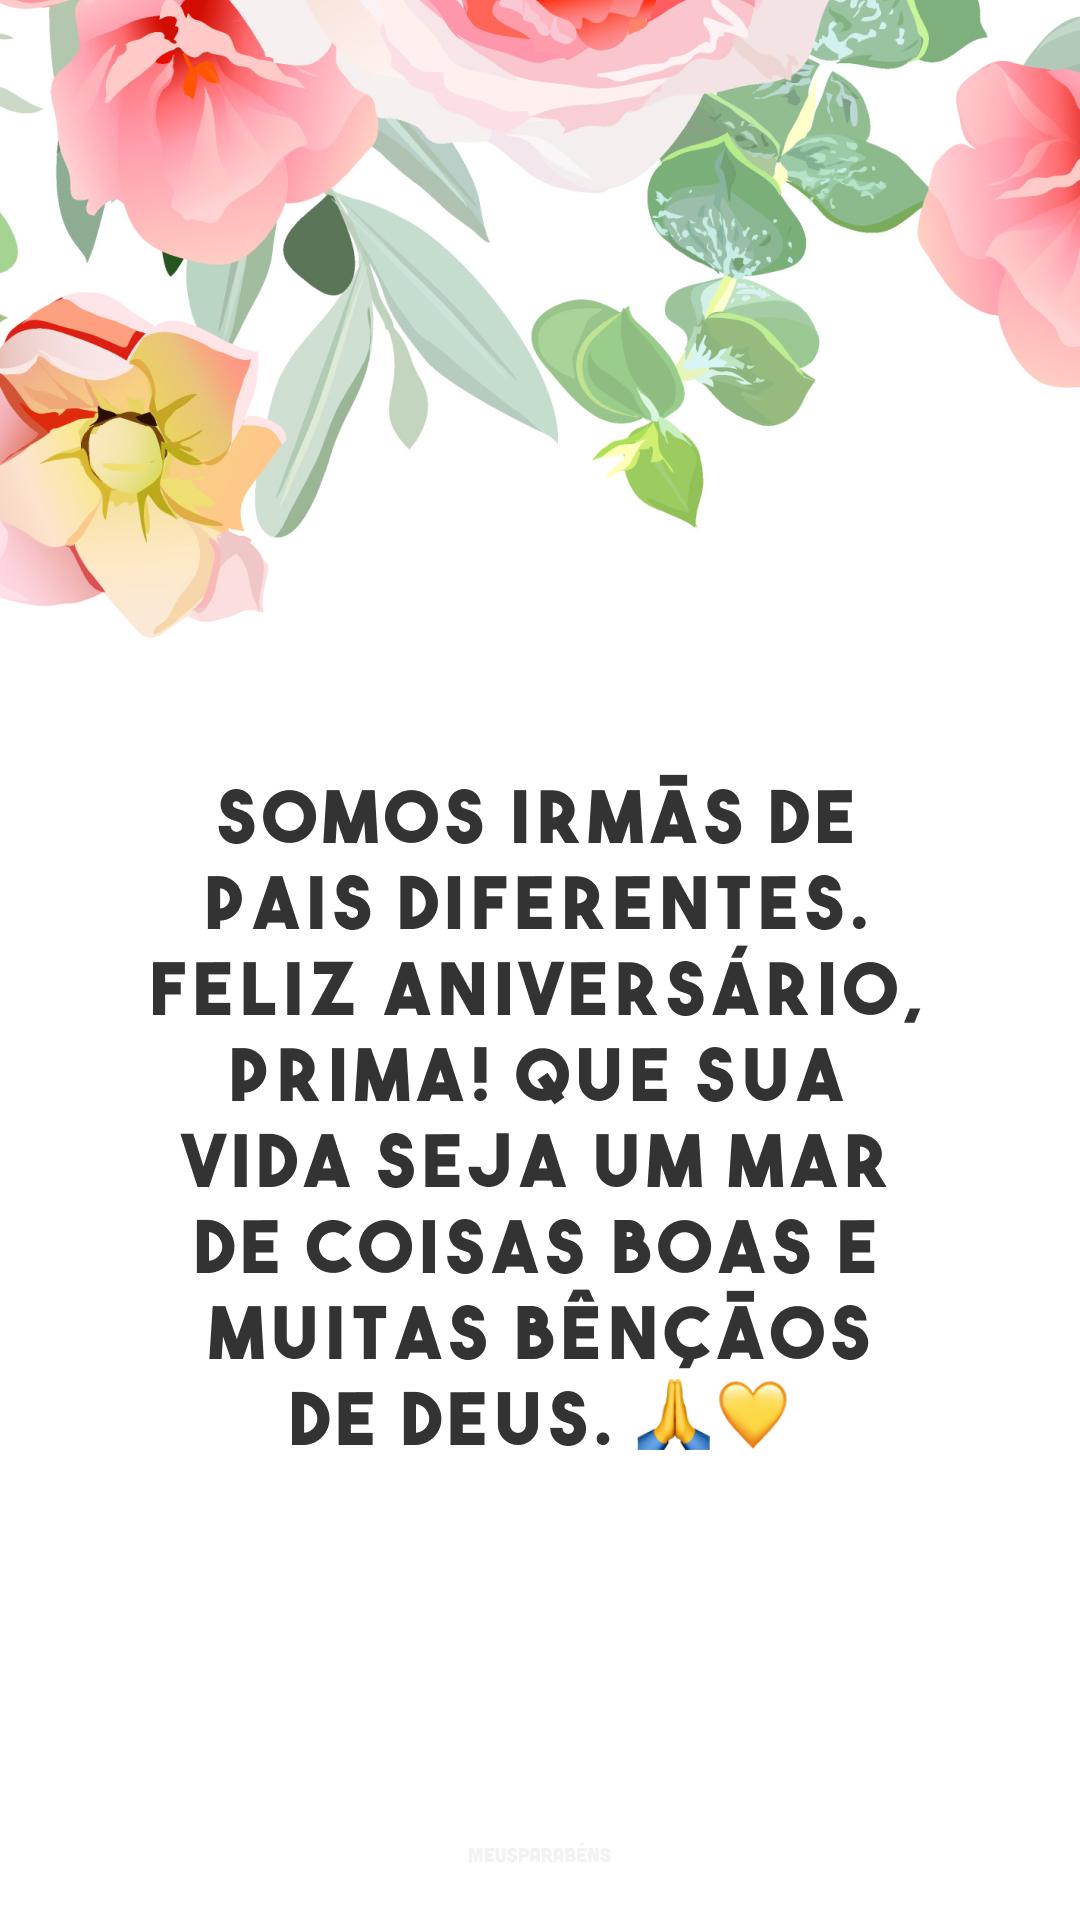 Somos irmãs de pais diferentes. Feliz aniversário, prima! Que sua vida seja um mar de coisas boas e muitas bênçãos de Deus. 🙏💛